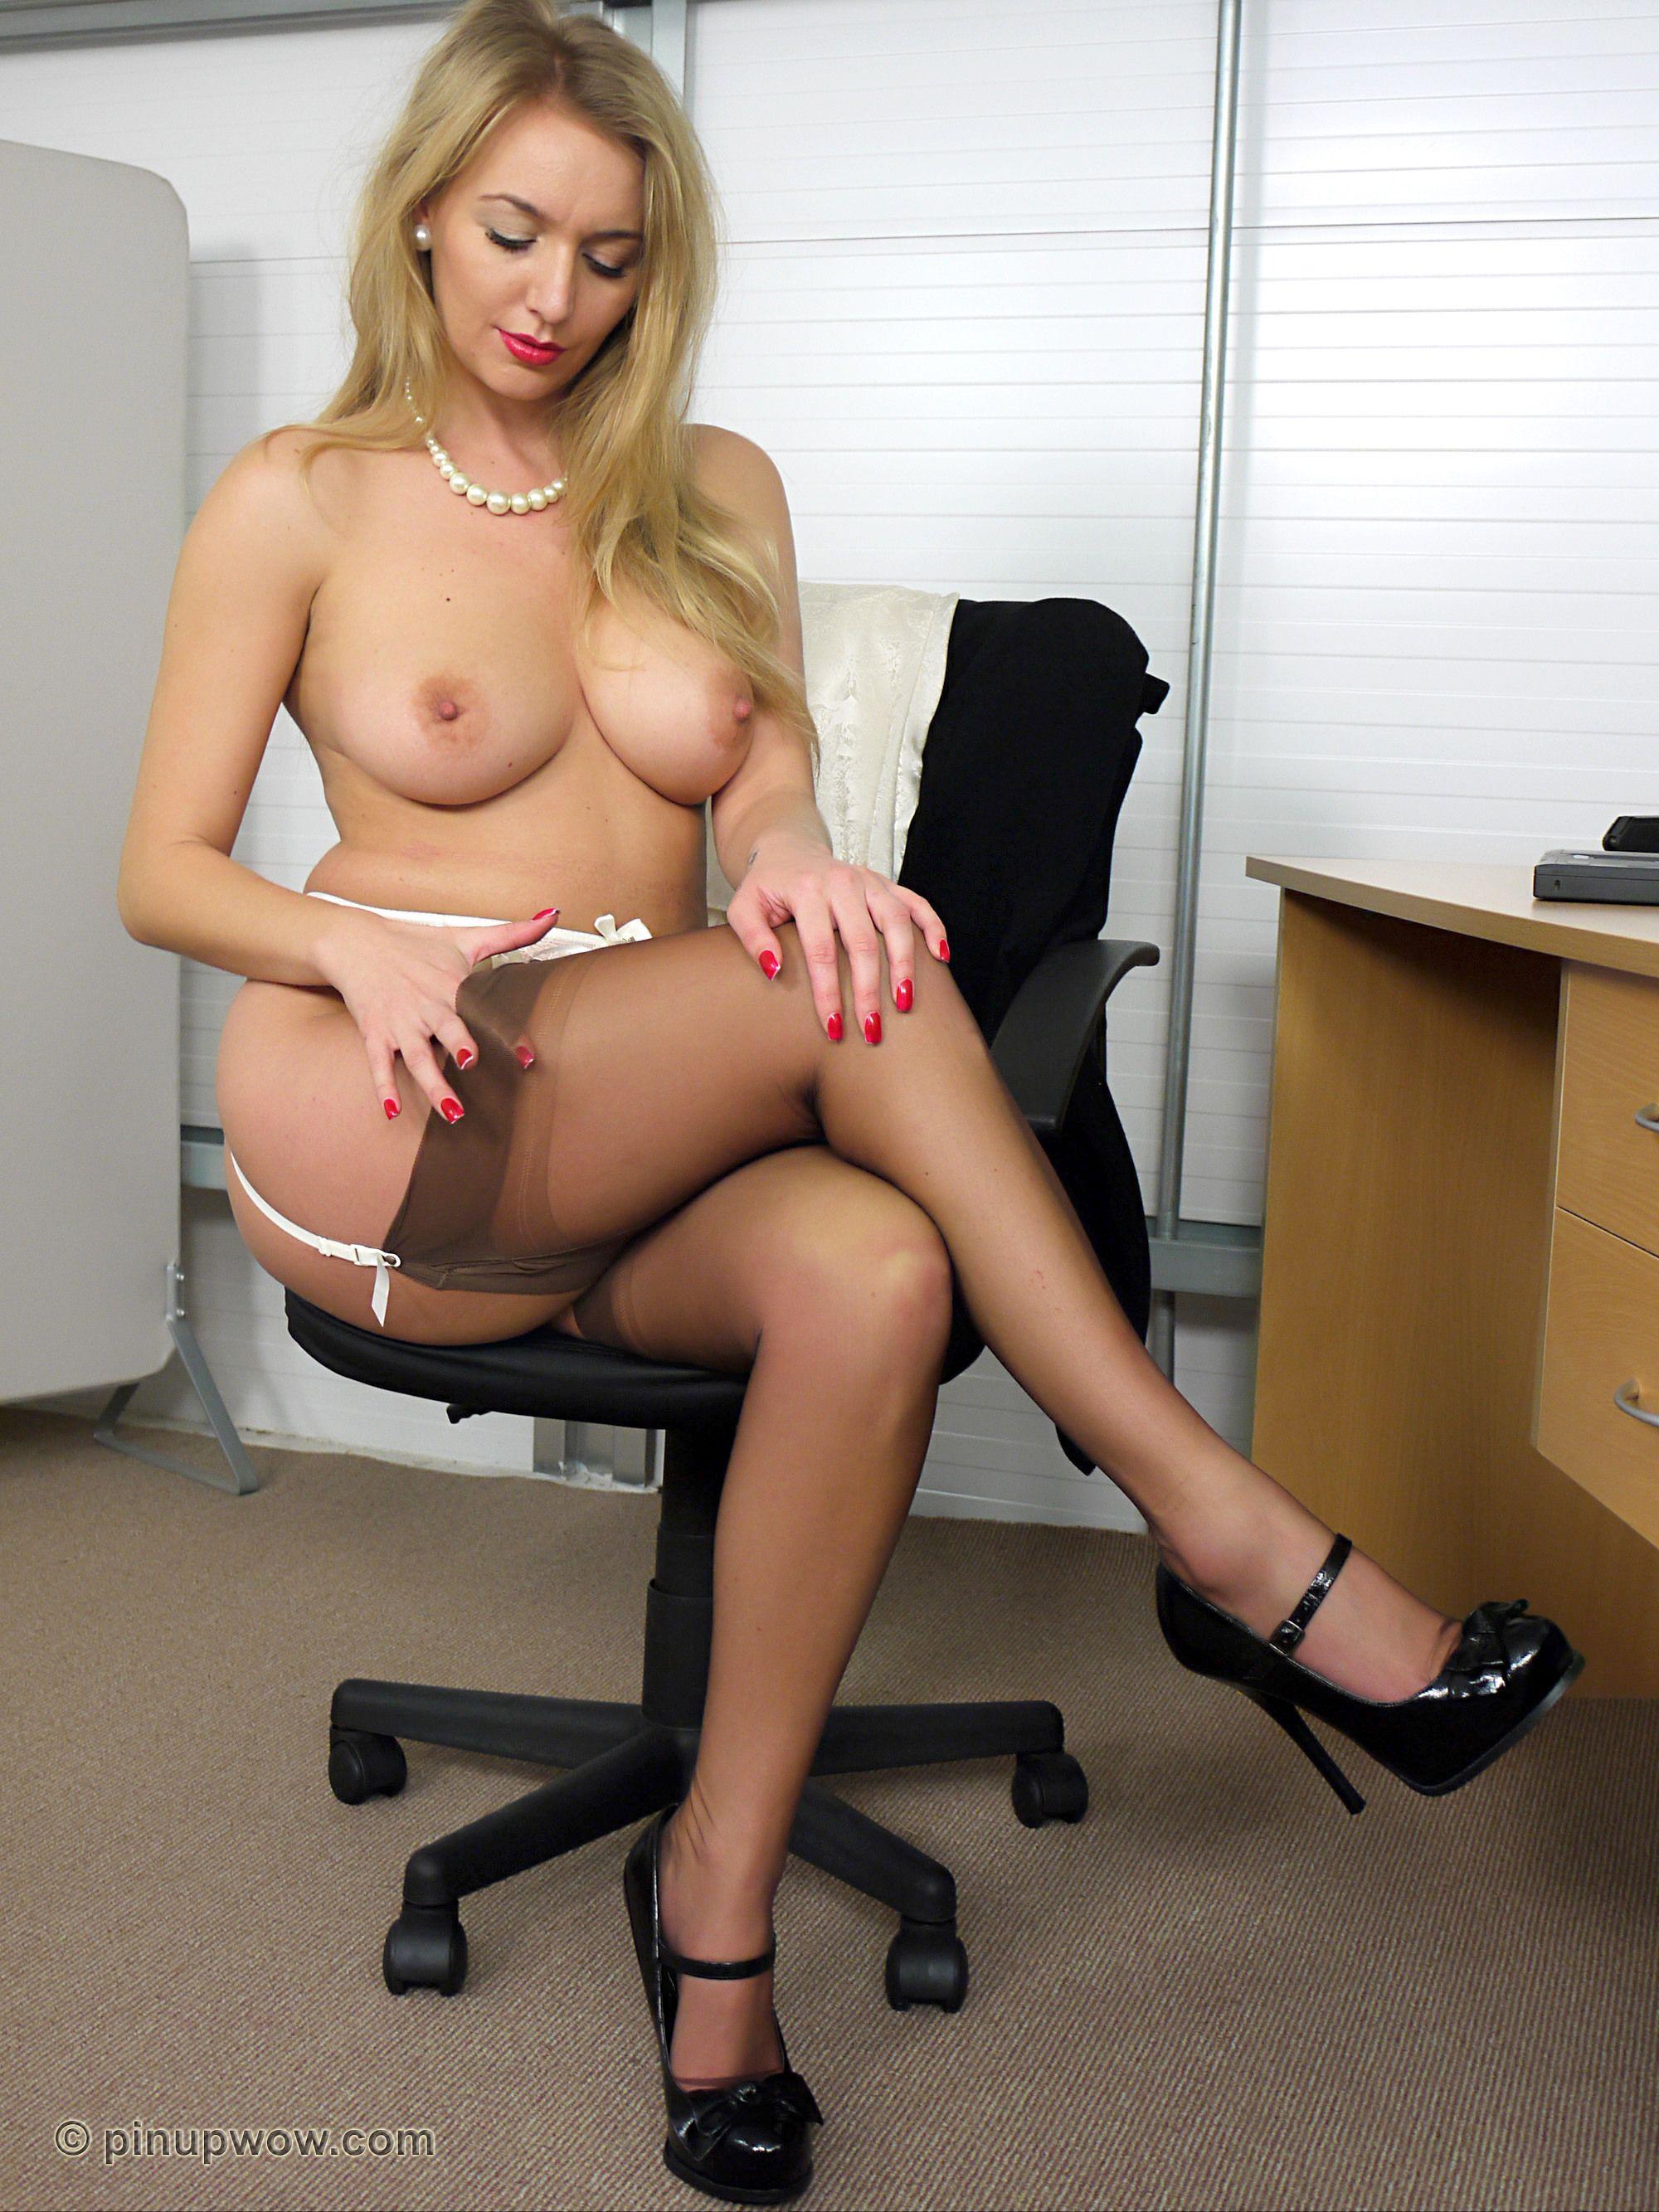 Legs Upskirt Mature Videos  Free Amateur Milf Sex Clips